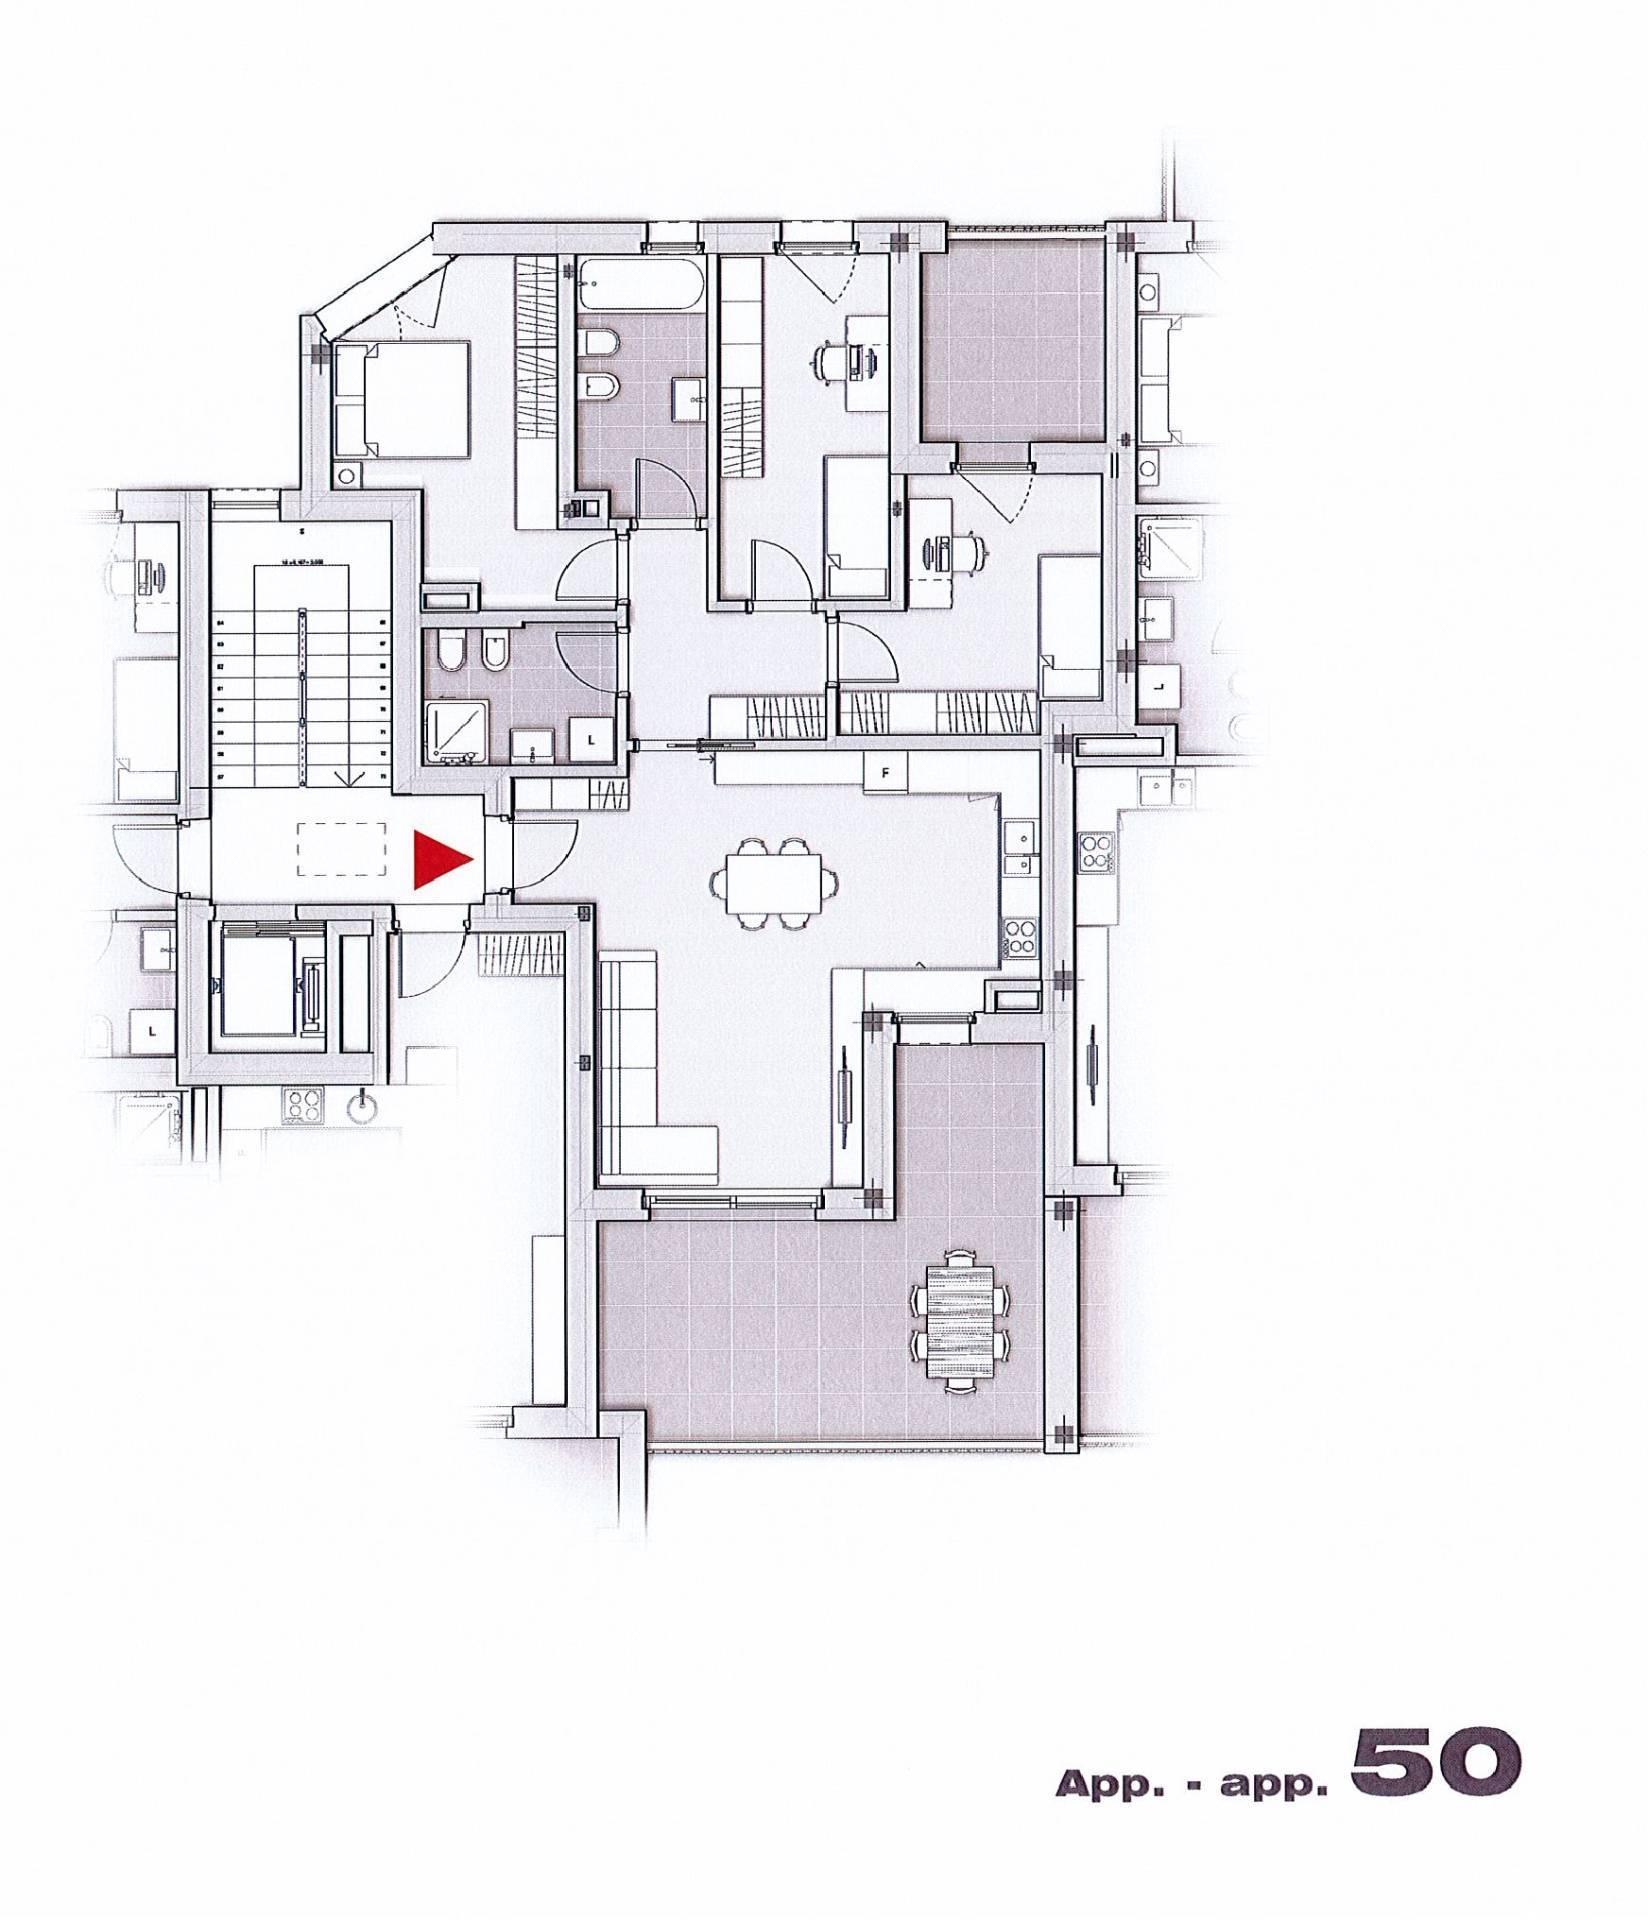 Appartamento in vendita a Appiano sulla Strada del Vino, 4 locali, zona Zona: Cornaiano, Trattative riservate | CambioCasa.it